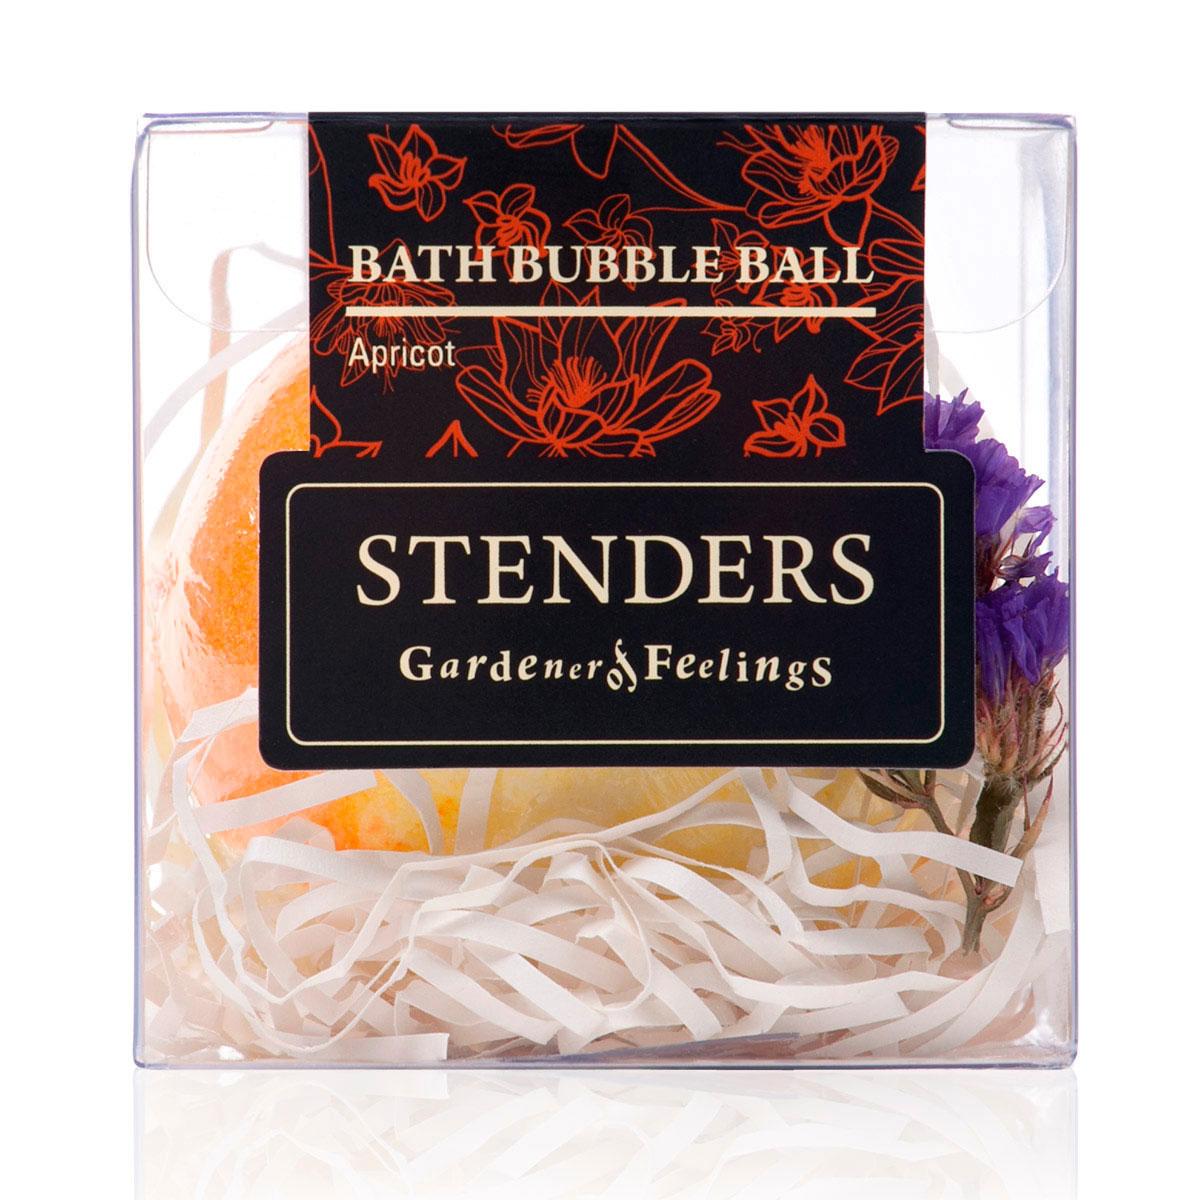 Stenders Бурлящий шар Абрикосовый, 125 гSISBB01Ваши любимые бурлящие шары, упакованные в красивую коробку - готовы удивлять и радовать. Этот изготовленный умелыми руками бурлящий шар для ванны наполнит помещение запахом сладкого абрикоса и ощущением солнечного лета. Для того чтобы позаботиться о вашей коже во время купания, мы добавили в этот шар натуральные кристаллы морской соли. После купания ощутите, какой нежной и гладкой сделало вашу кожу масло виноградных косточек. Масло виноградных косточек особенно хорошо тем, что содержит ненасыщенные жирные кислоты в большой концентрации. Оно придаст жизненную силу вашей коже, тщательно увлажняя и смягчая ее. Кристаллы соли моря богаты ионами кальция, калия и натрия. Эти вещества очистят вашу кожу и укрепят ногти. Релаксирующая ванна с солью помогает регулировать уровень влаги в клетках, устраняя припухлость и снимая усталость.